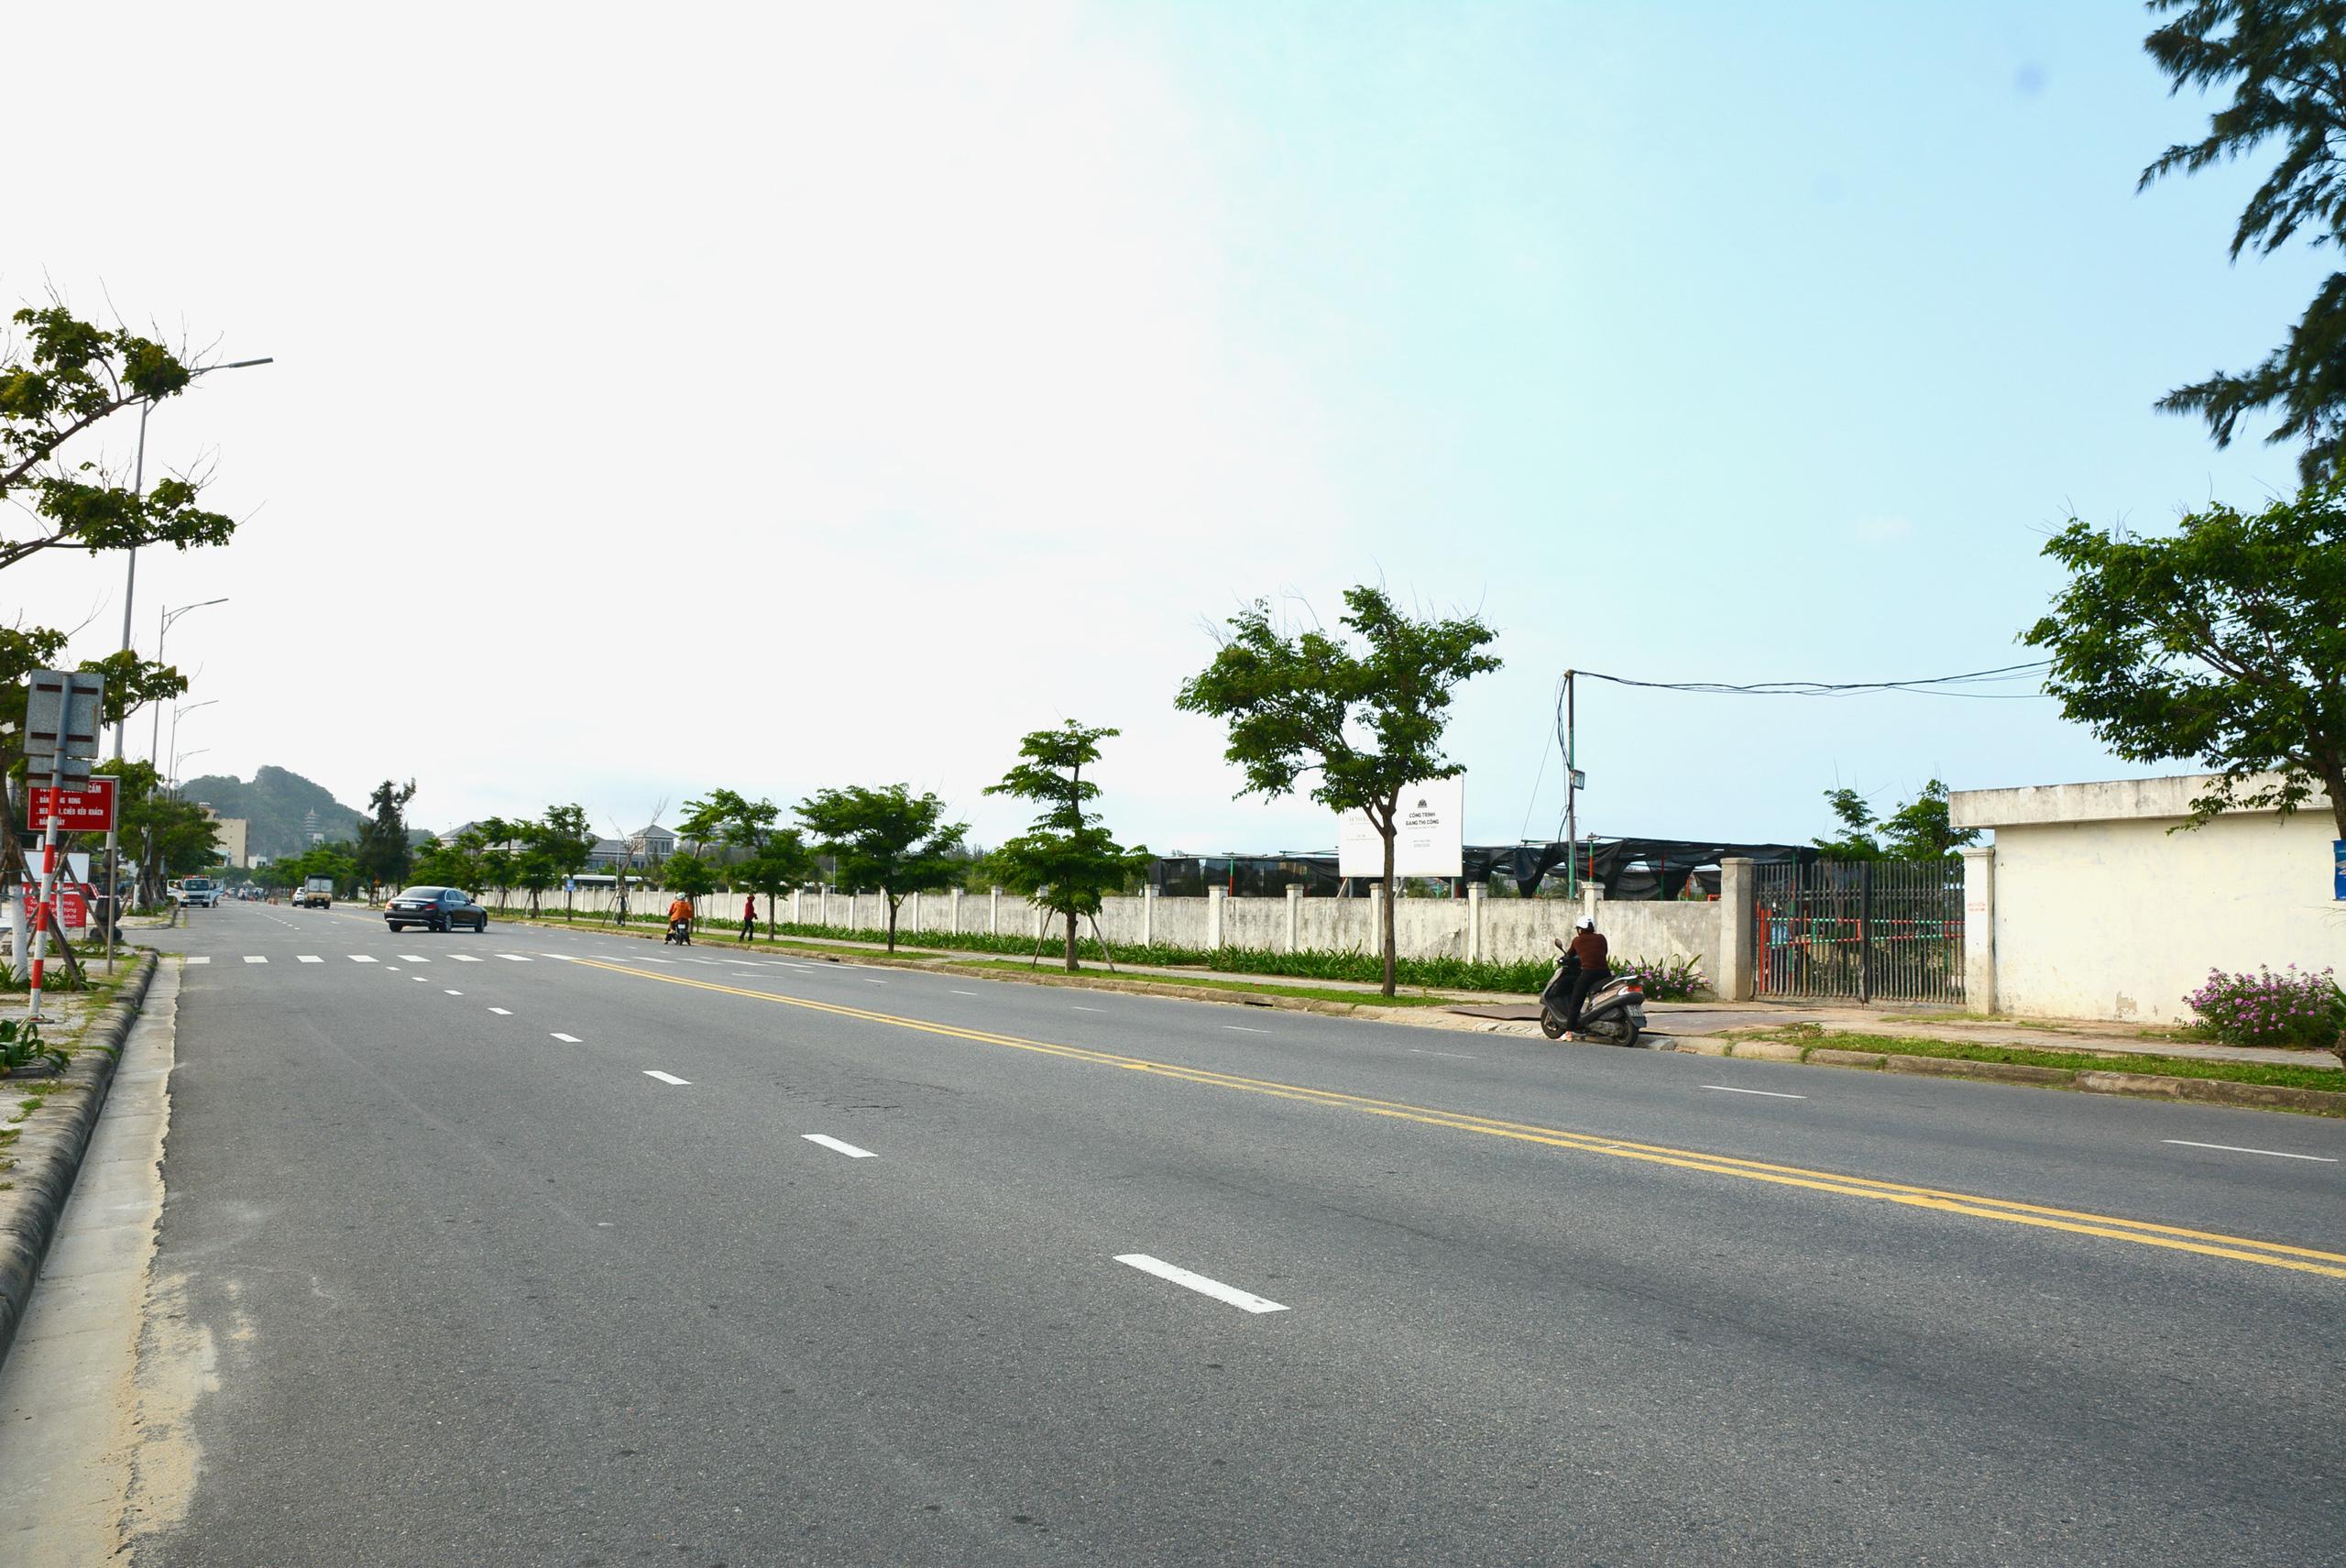 Hiện trạng dự án The Nam Khang Resort Residences ở Đà Nẵng của ông chủ DatVietVAC - Ảnh 2.